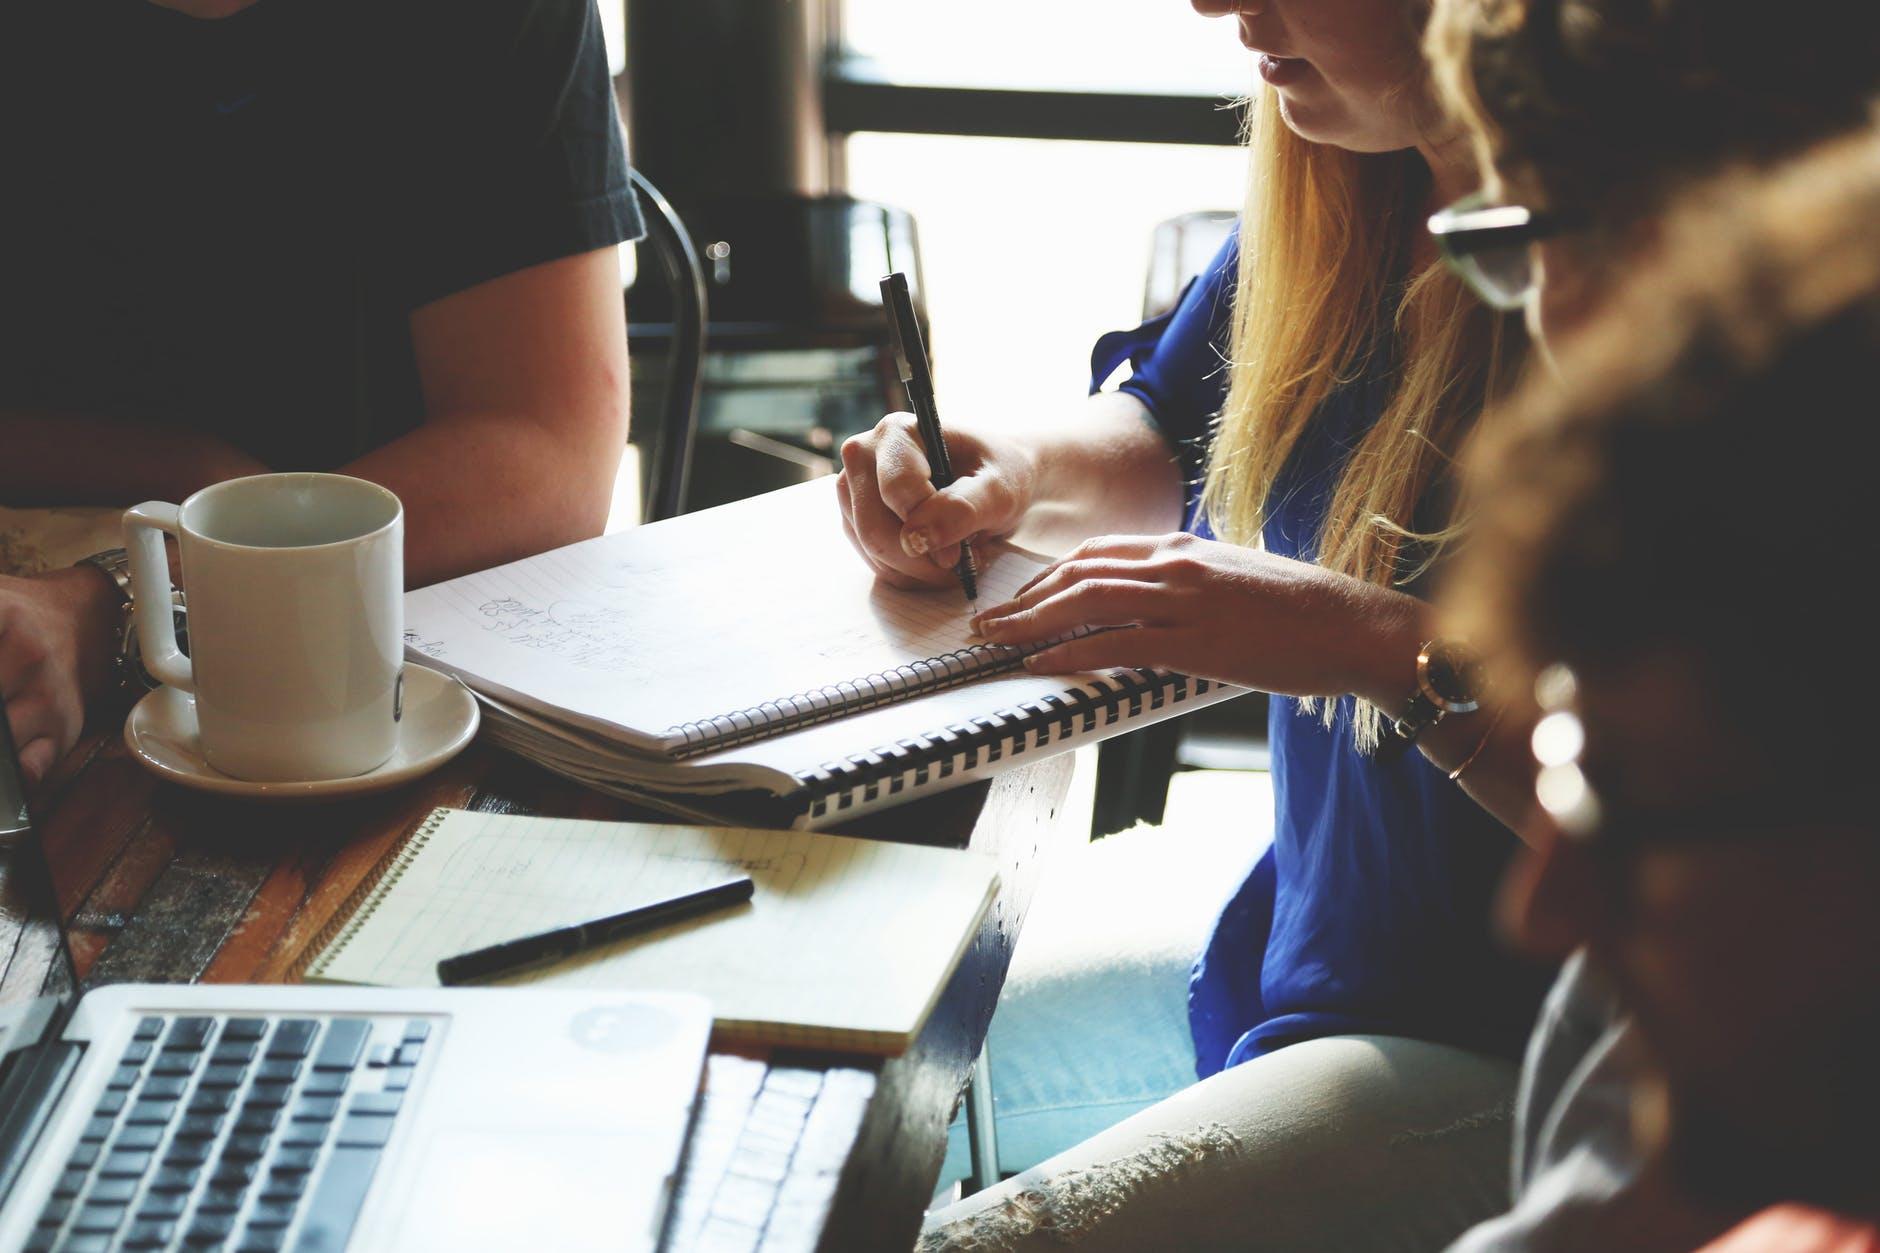 people-woman-coffee-meeting - estudante - seletivo - ler - educação